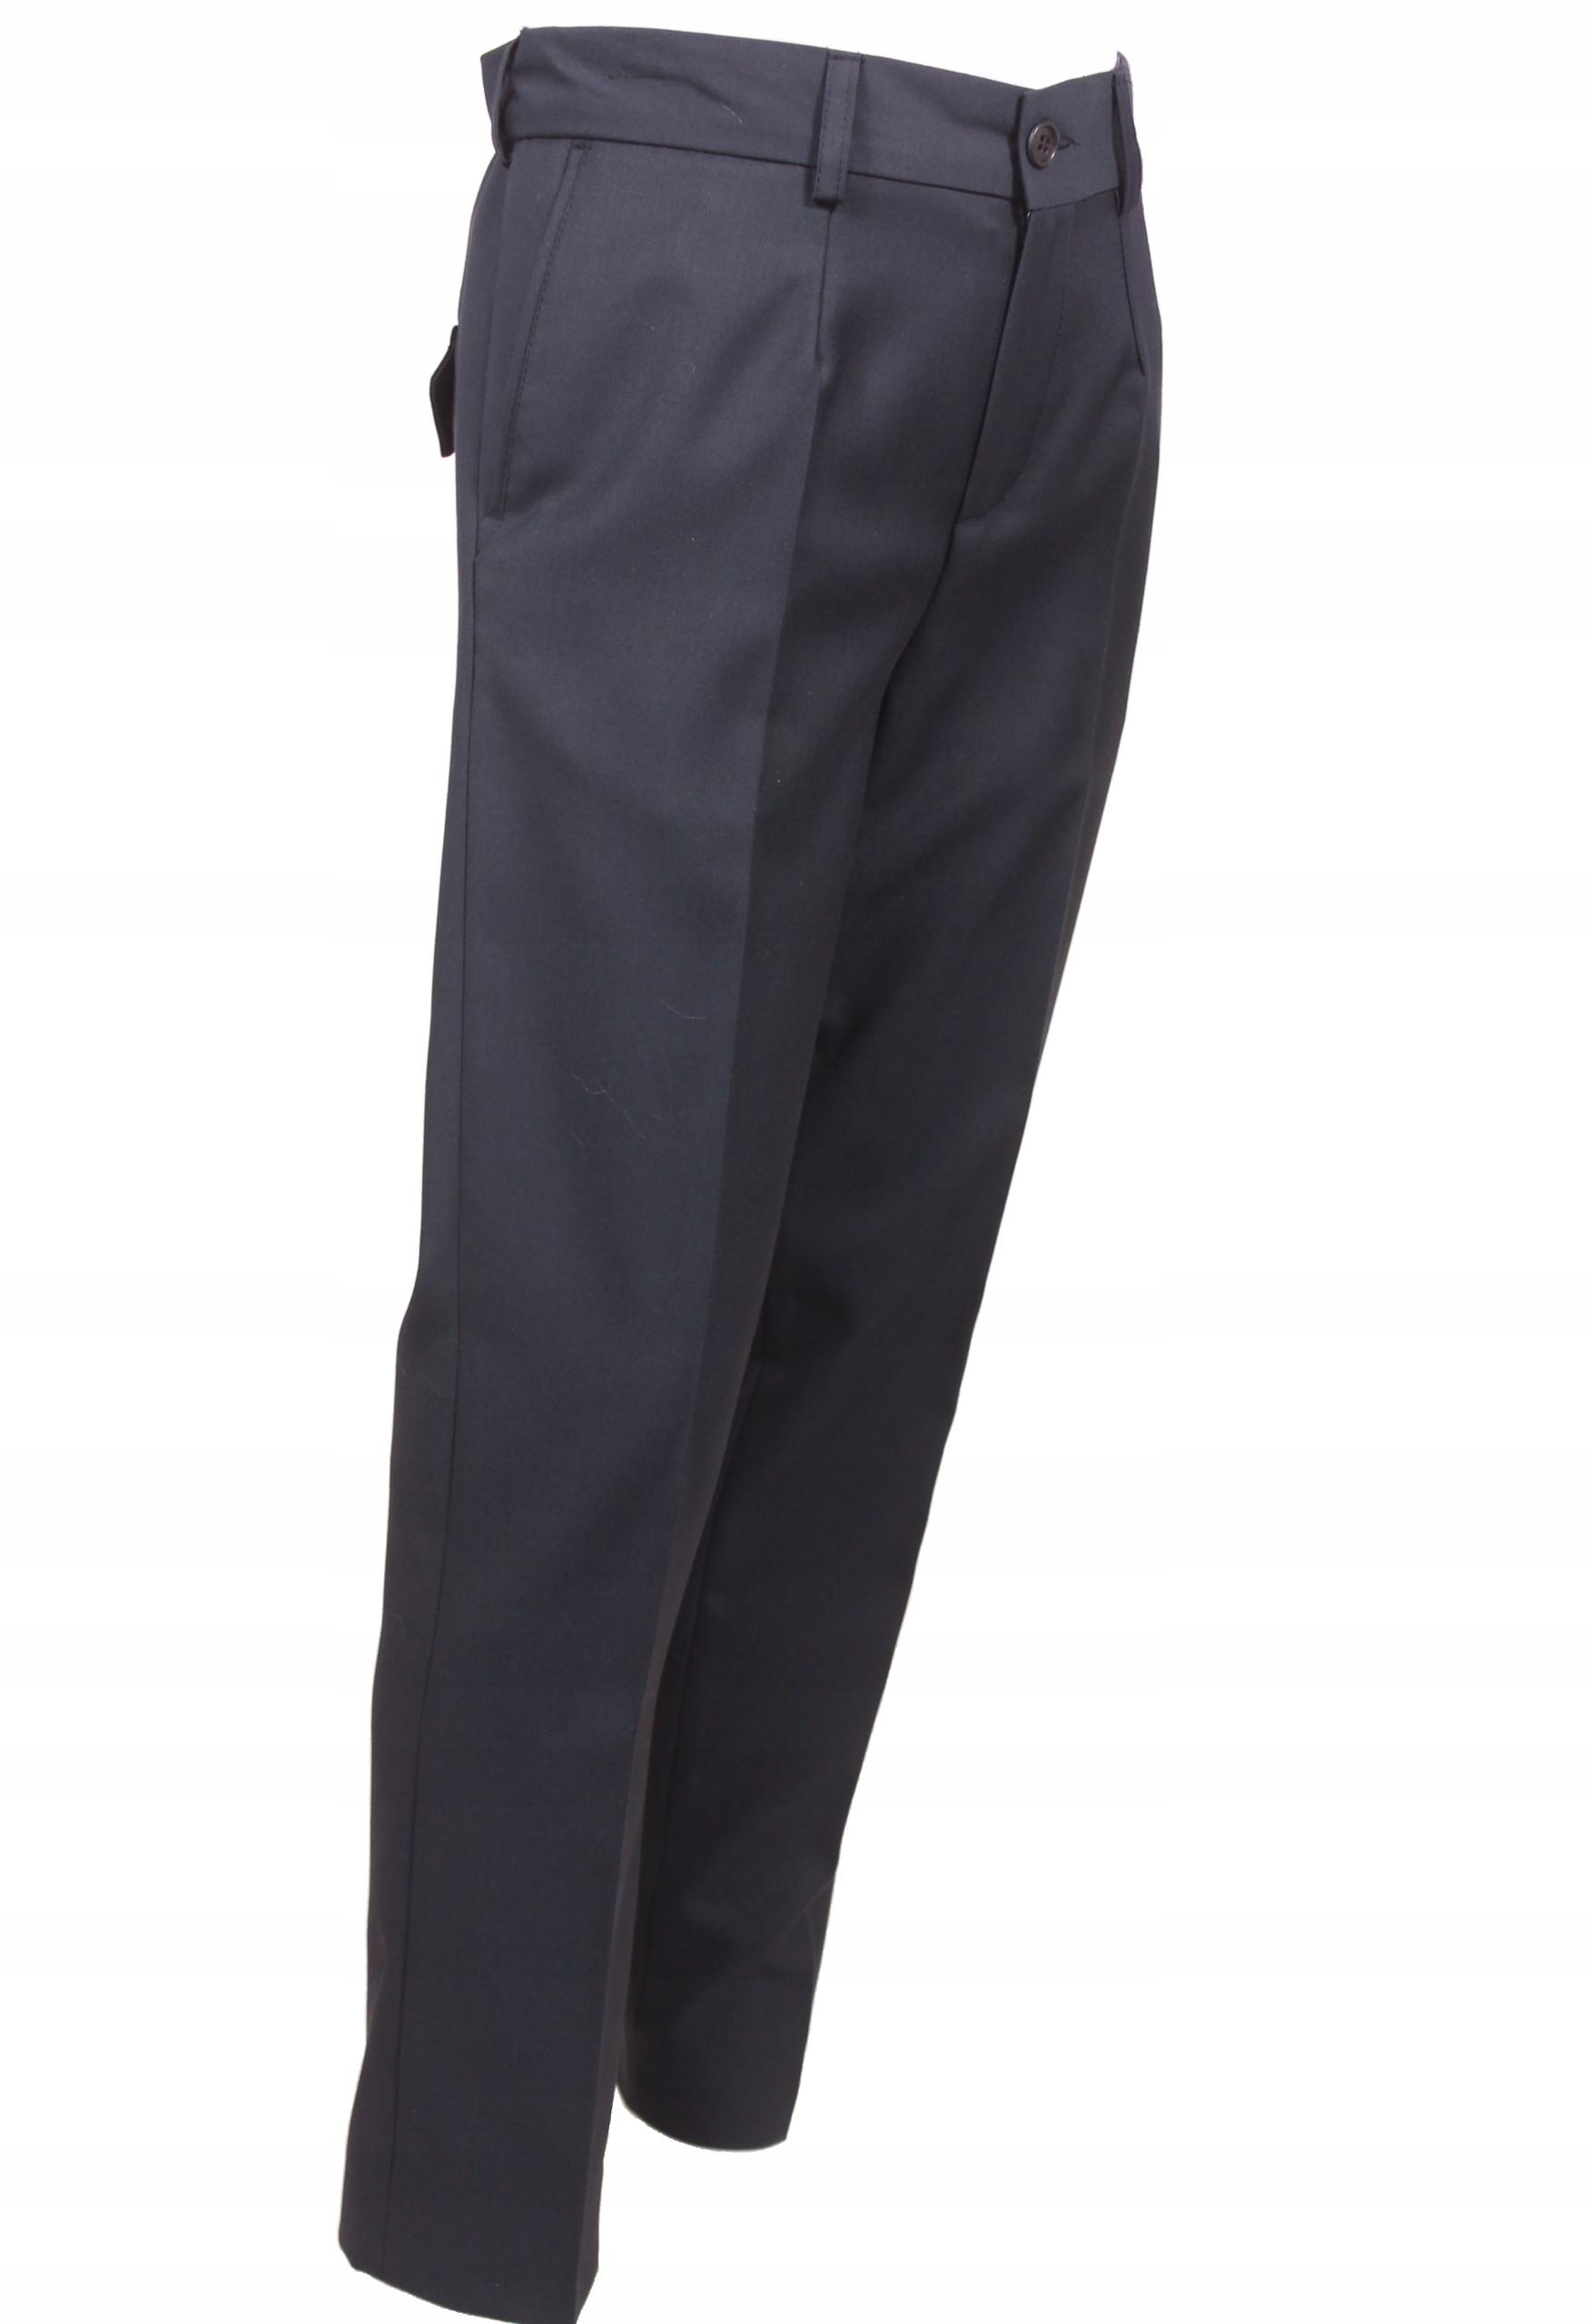 Nohavice garniturowe SOMIR kobaltu veľkosť.128 XL